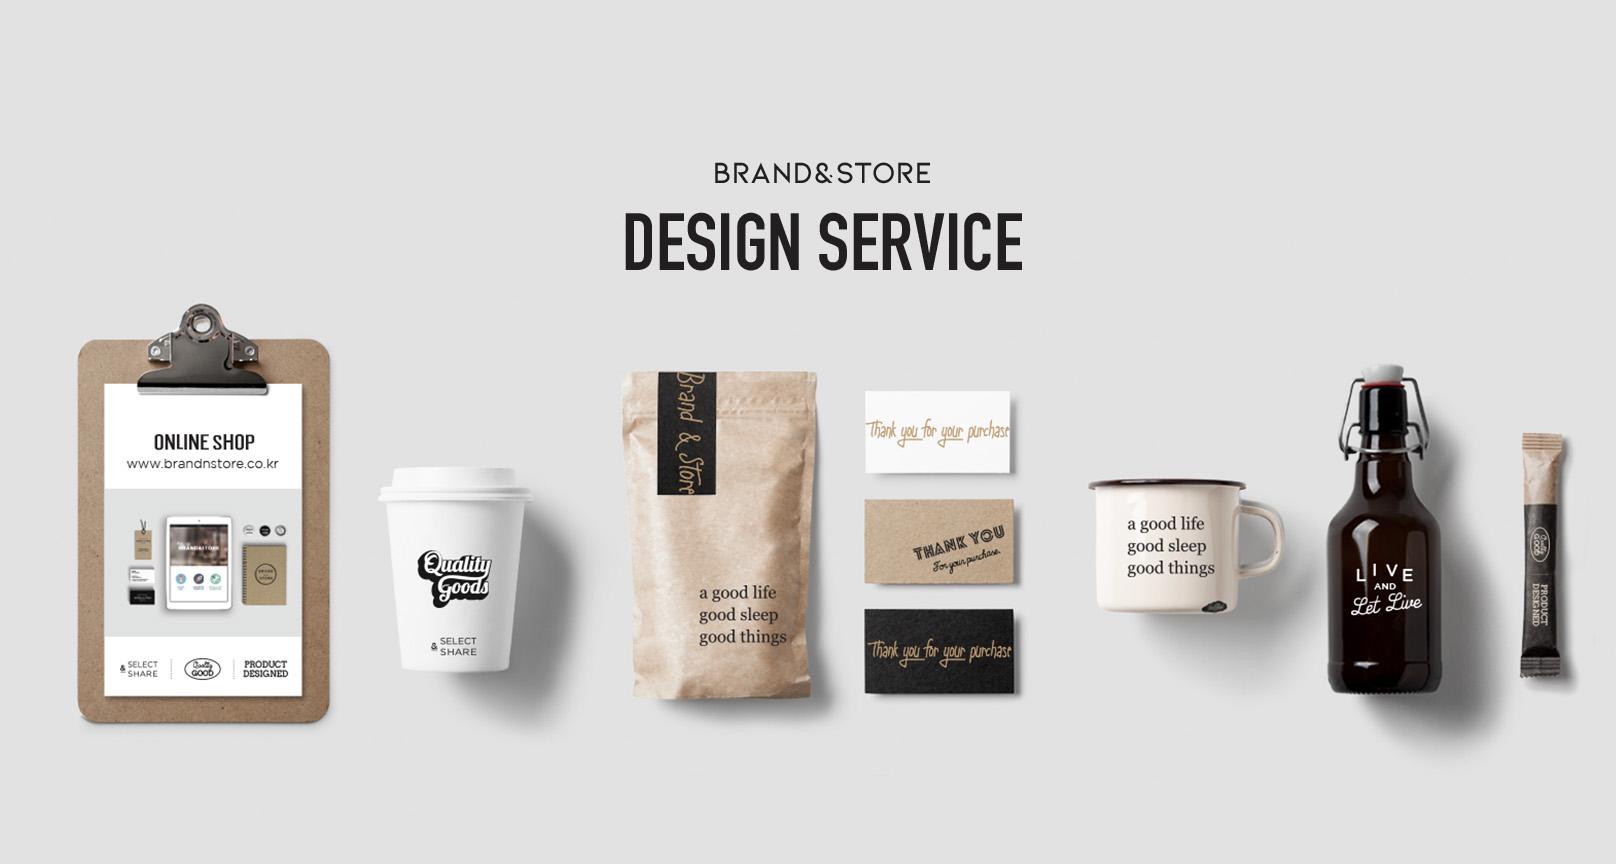 브랜드앤스토어로 만나는 토탈 디자인, 브랜딩 서비스